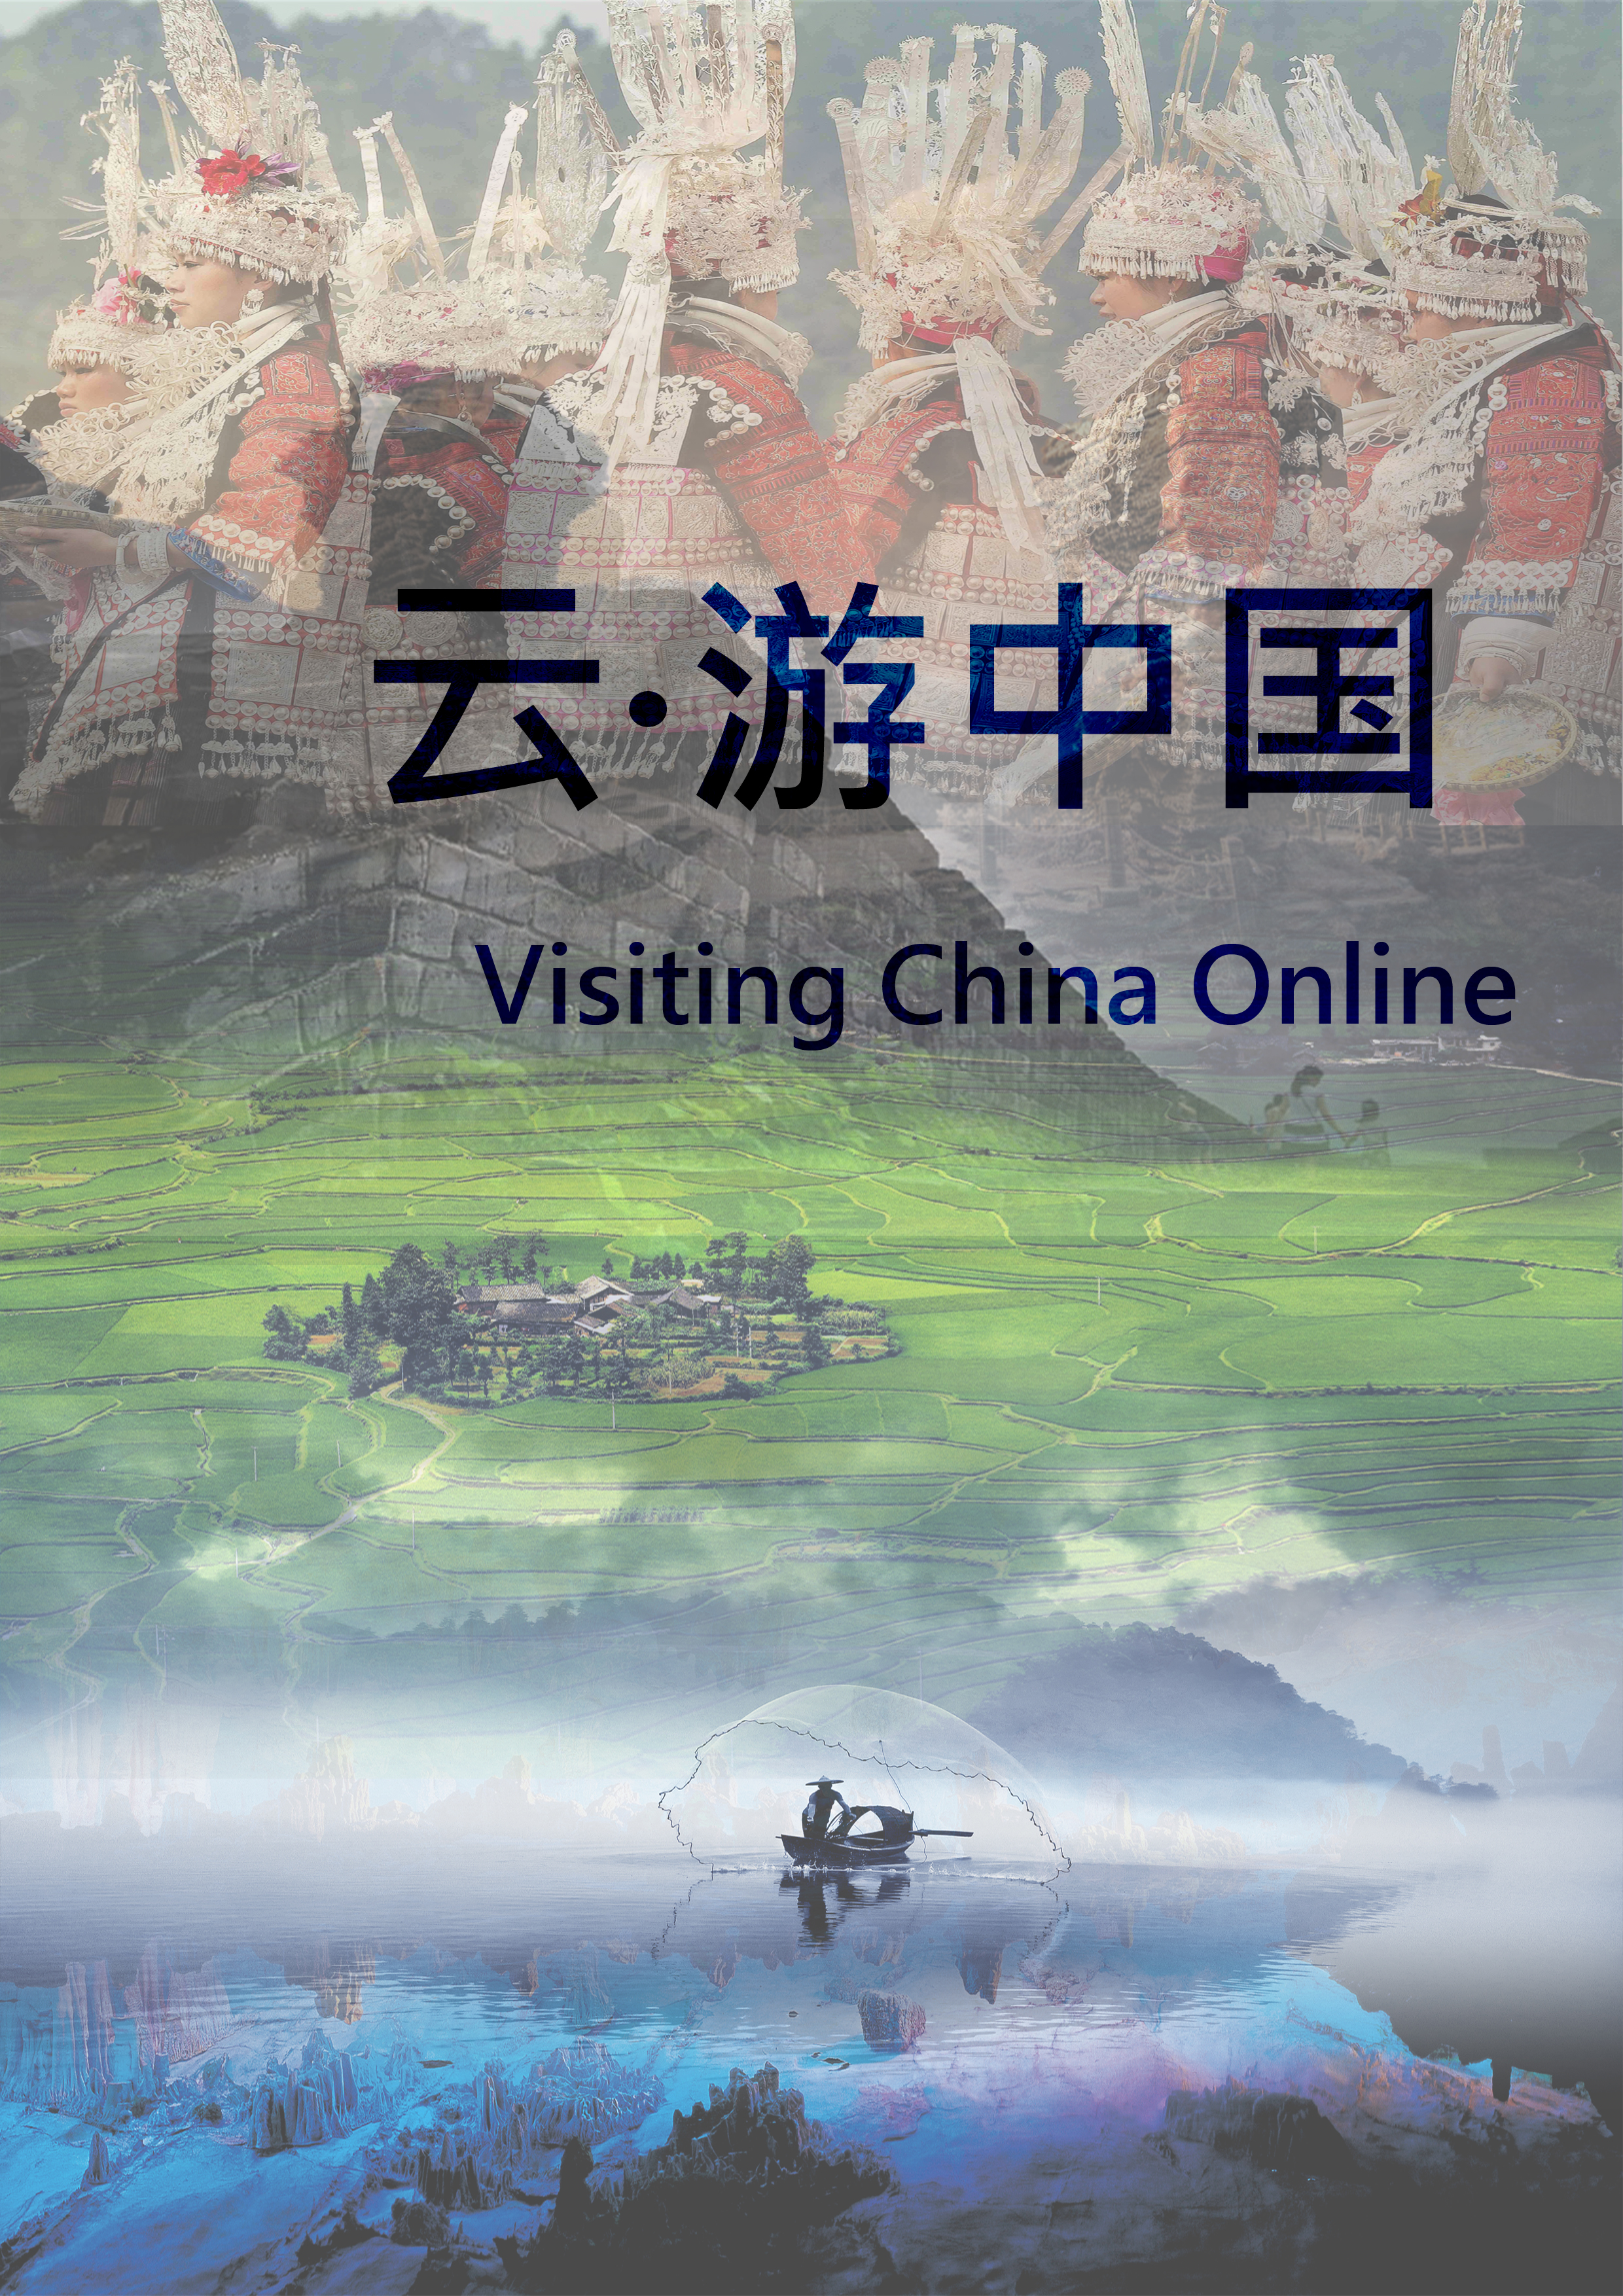 今月曾经照古人——与斯德哥尔摩中国文化中心探访古老美丽中国(二)| Visiting China Online